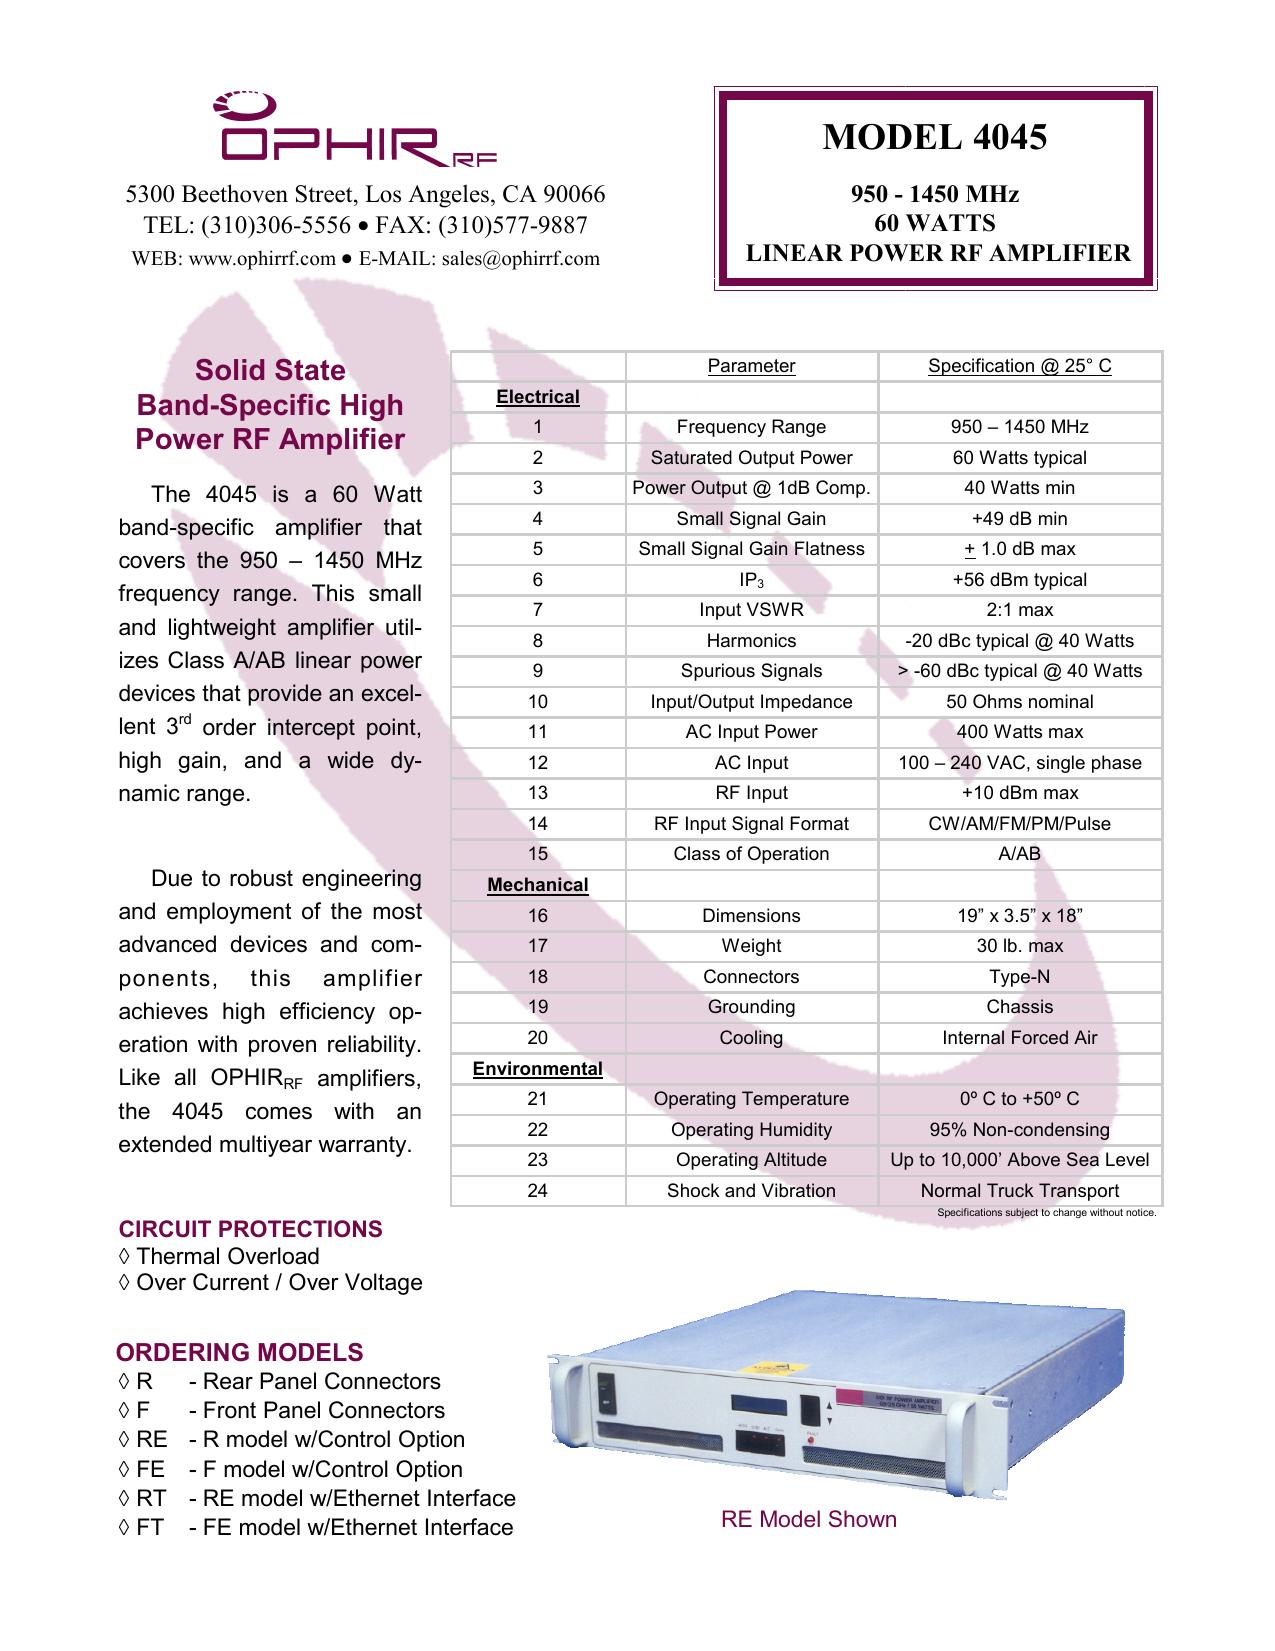 ophir rf model amplifier | manualzz com